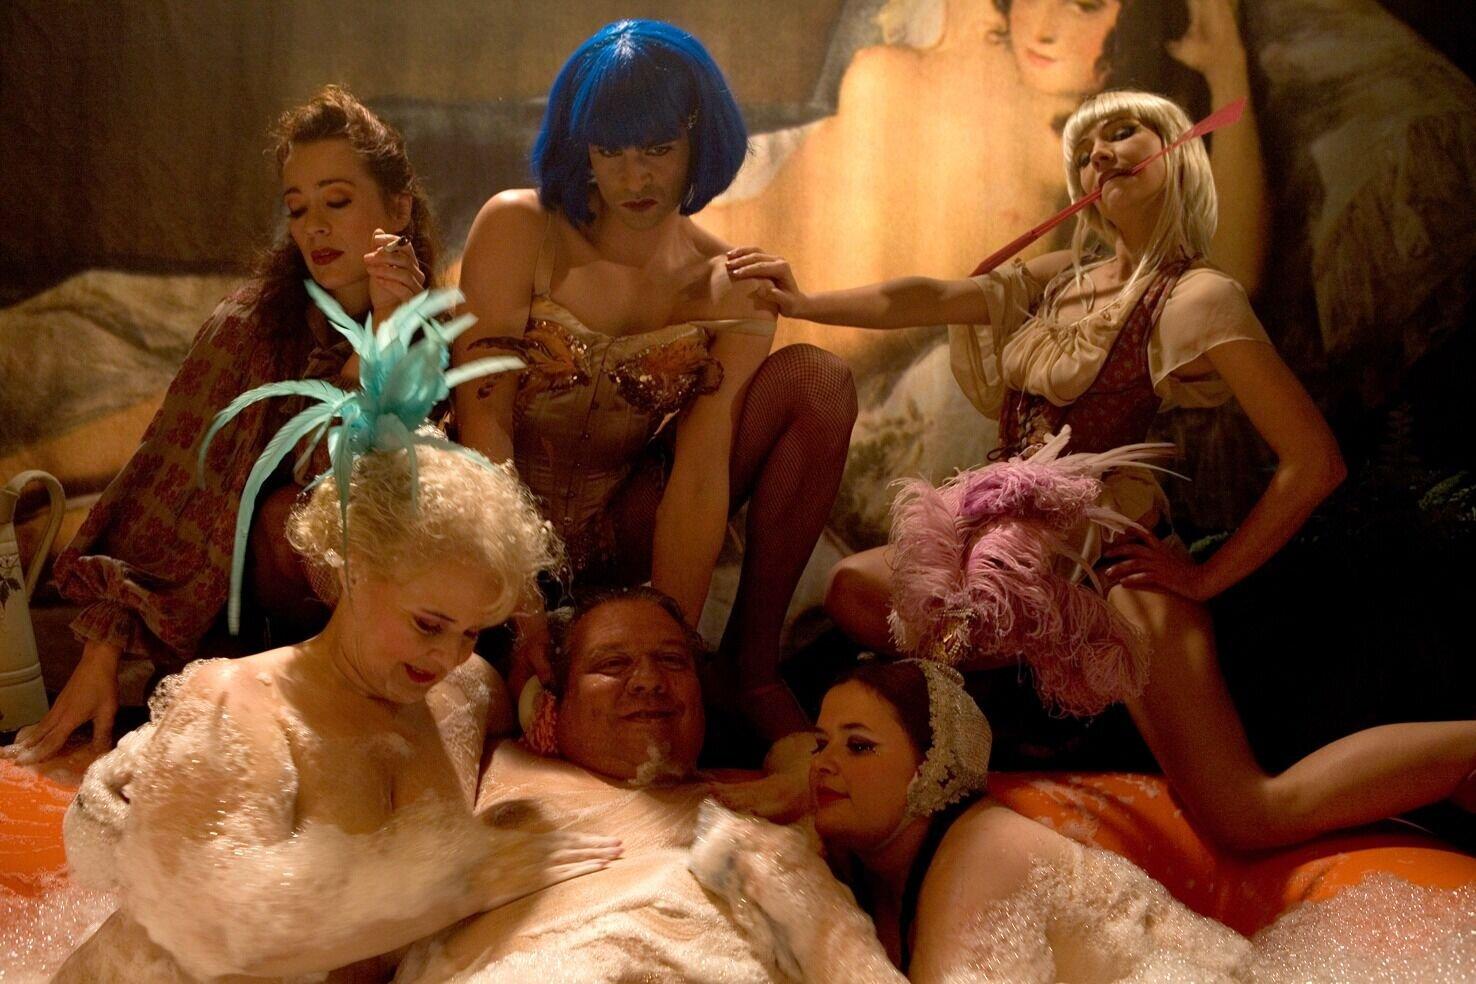 Эро рассказа группавуха, Порно рассказы груповуха (групповой секс) читать 23 фотография